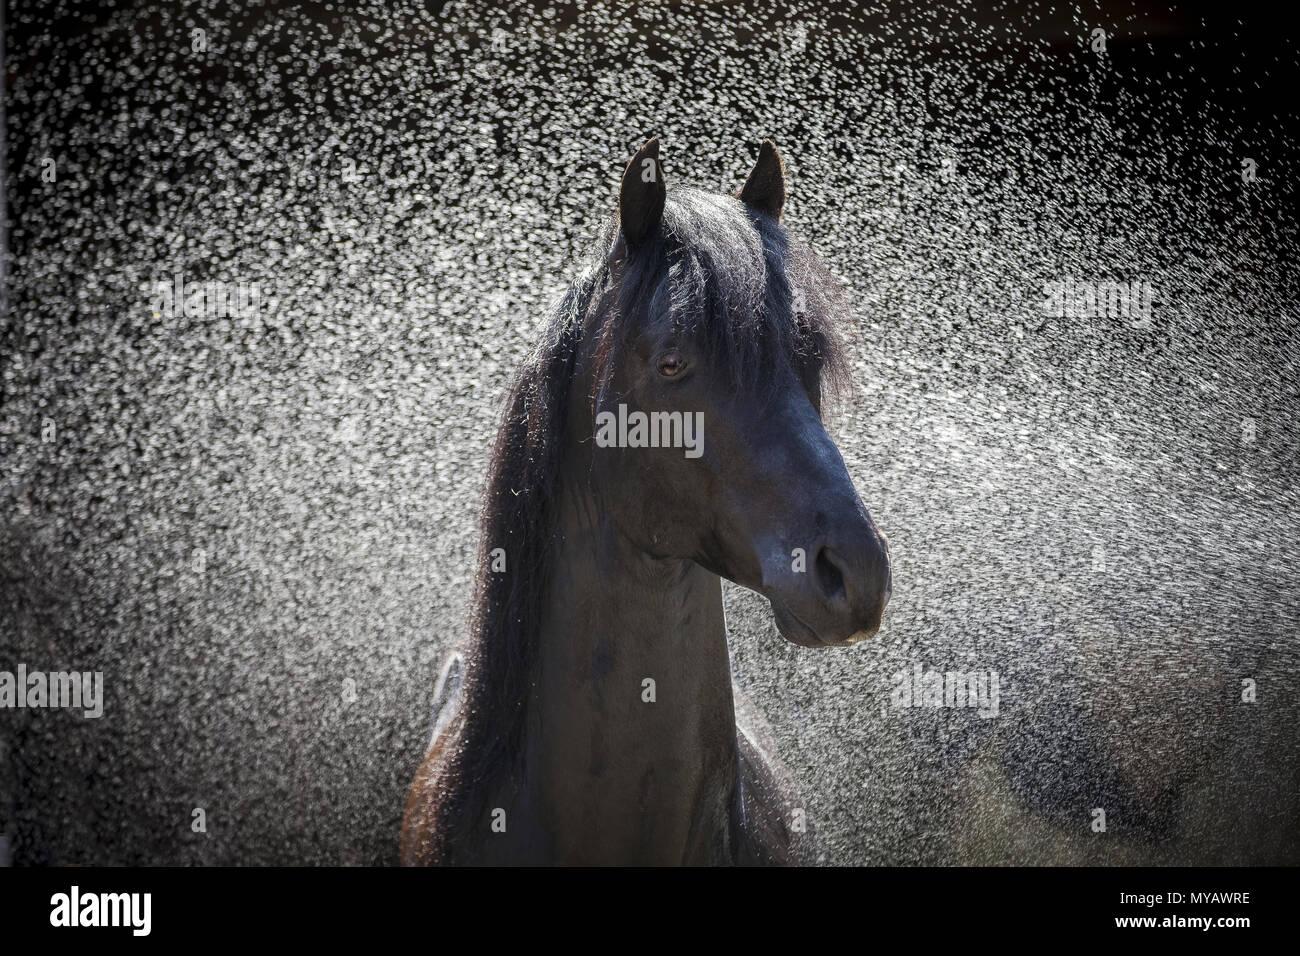 Paso Fino. Retrato de semental negro durante el lavado. Alemania Imagen De Stock